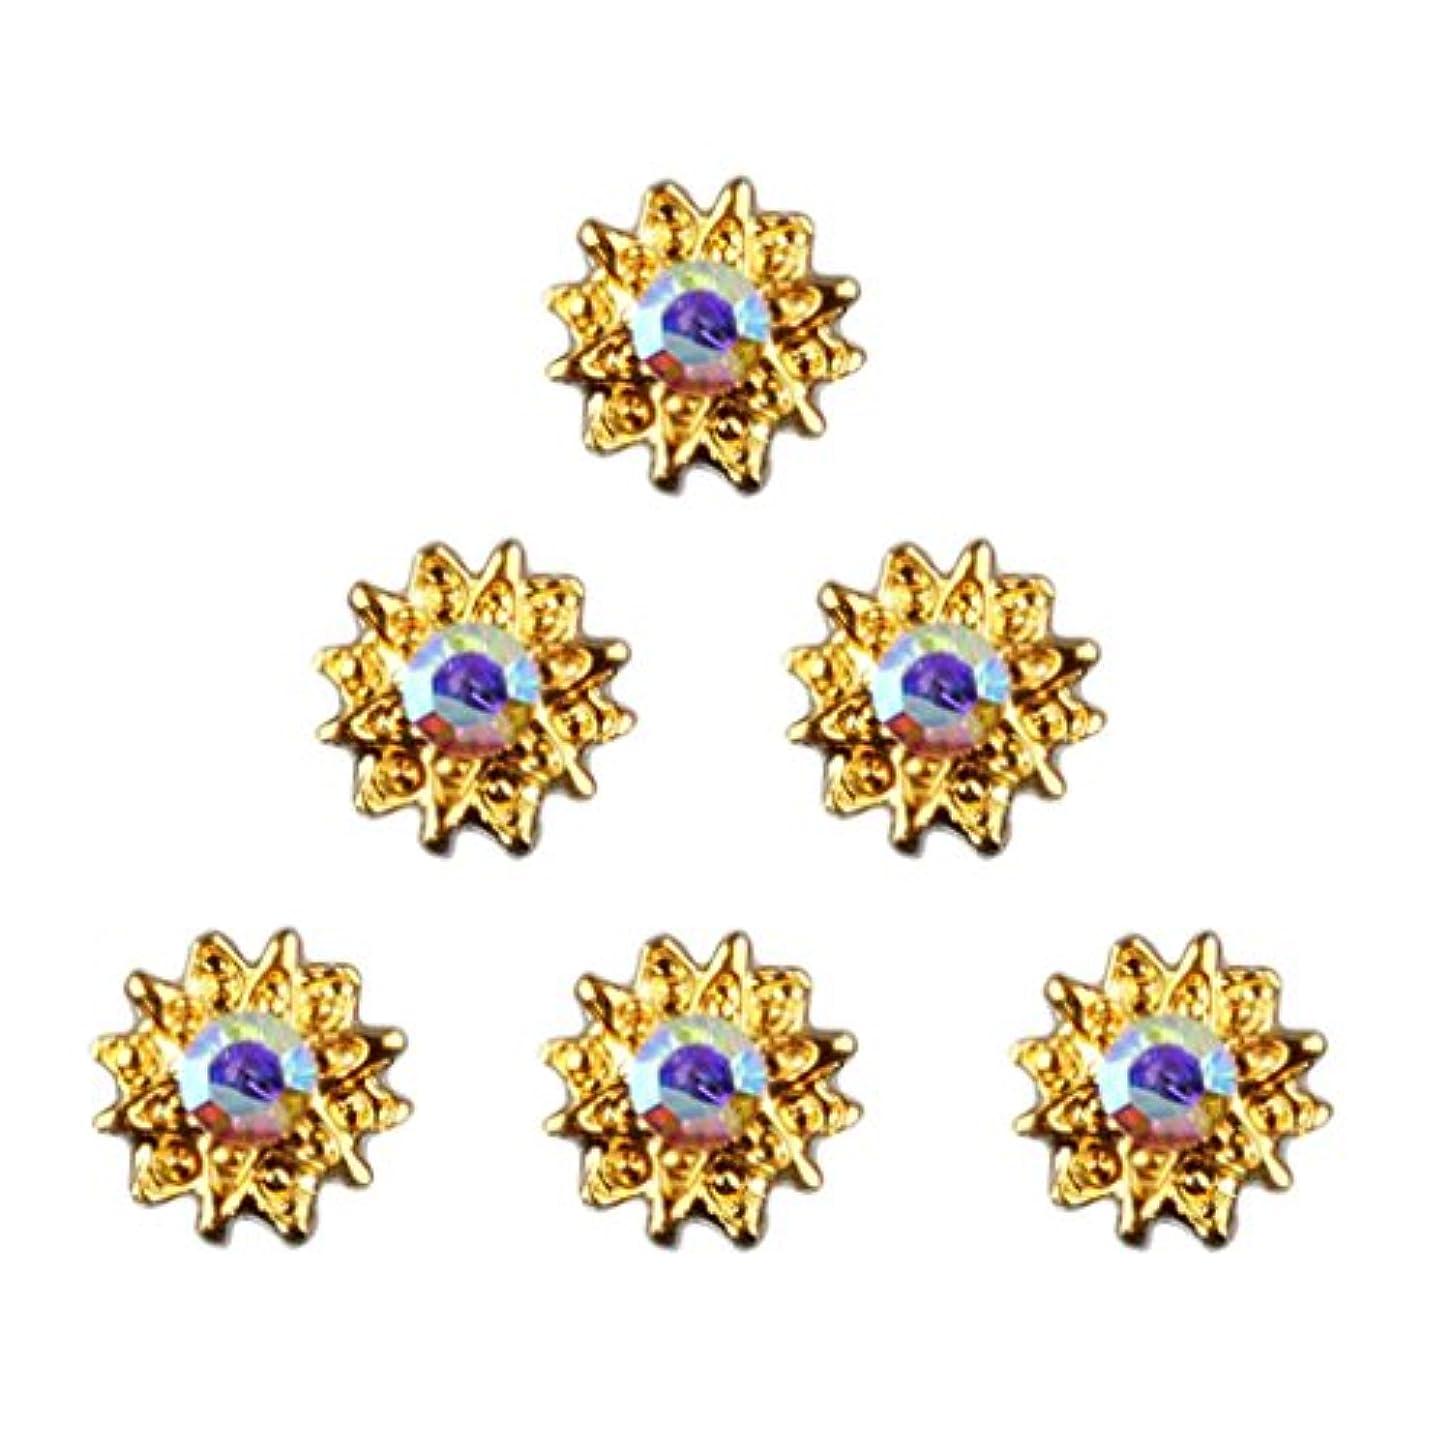 踊り子魅力翻訳者Baosity ネイル ネイルデザイン ダイヤモンド 約50個 3Dネイルアート ヒントステッカー デコレーション おしゃれ 全8タイプ選べ - 5